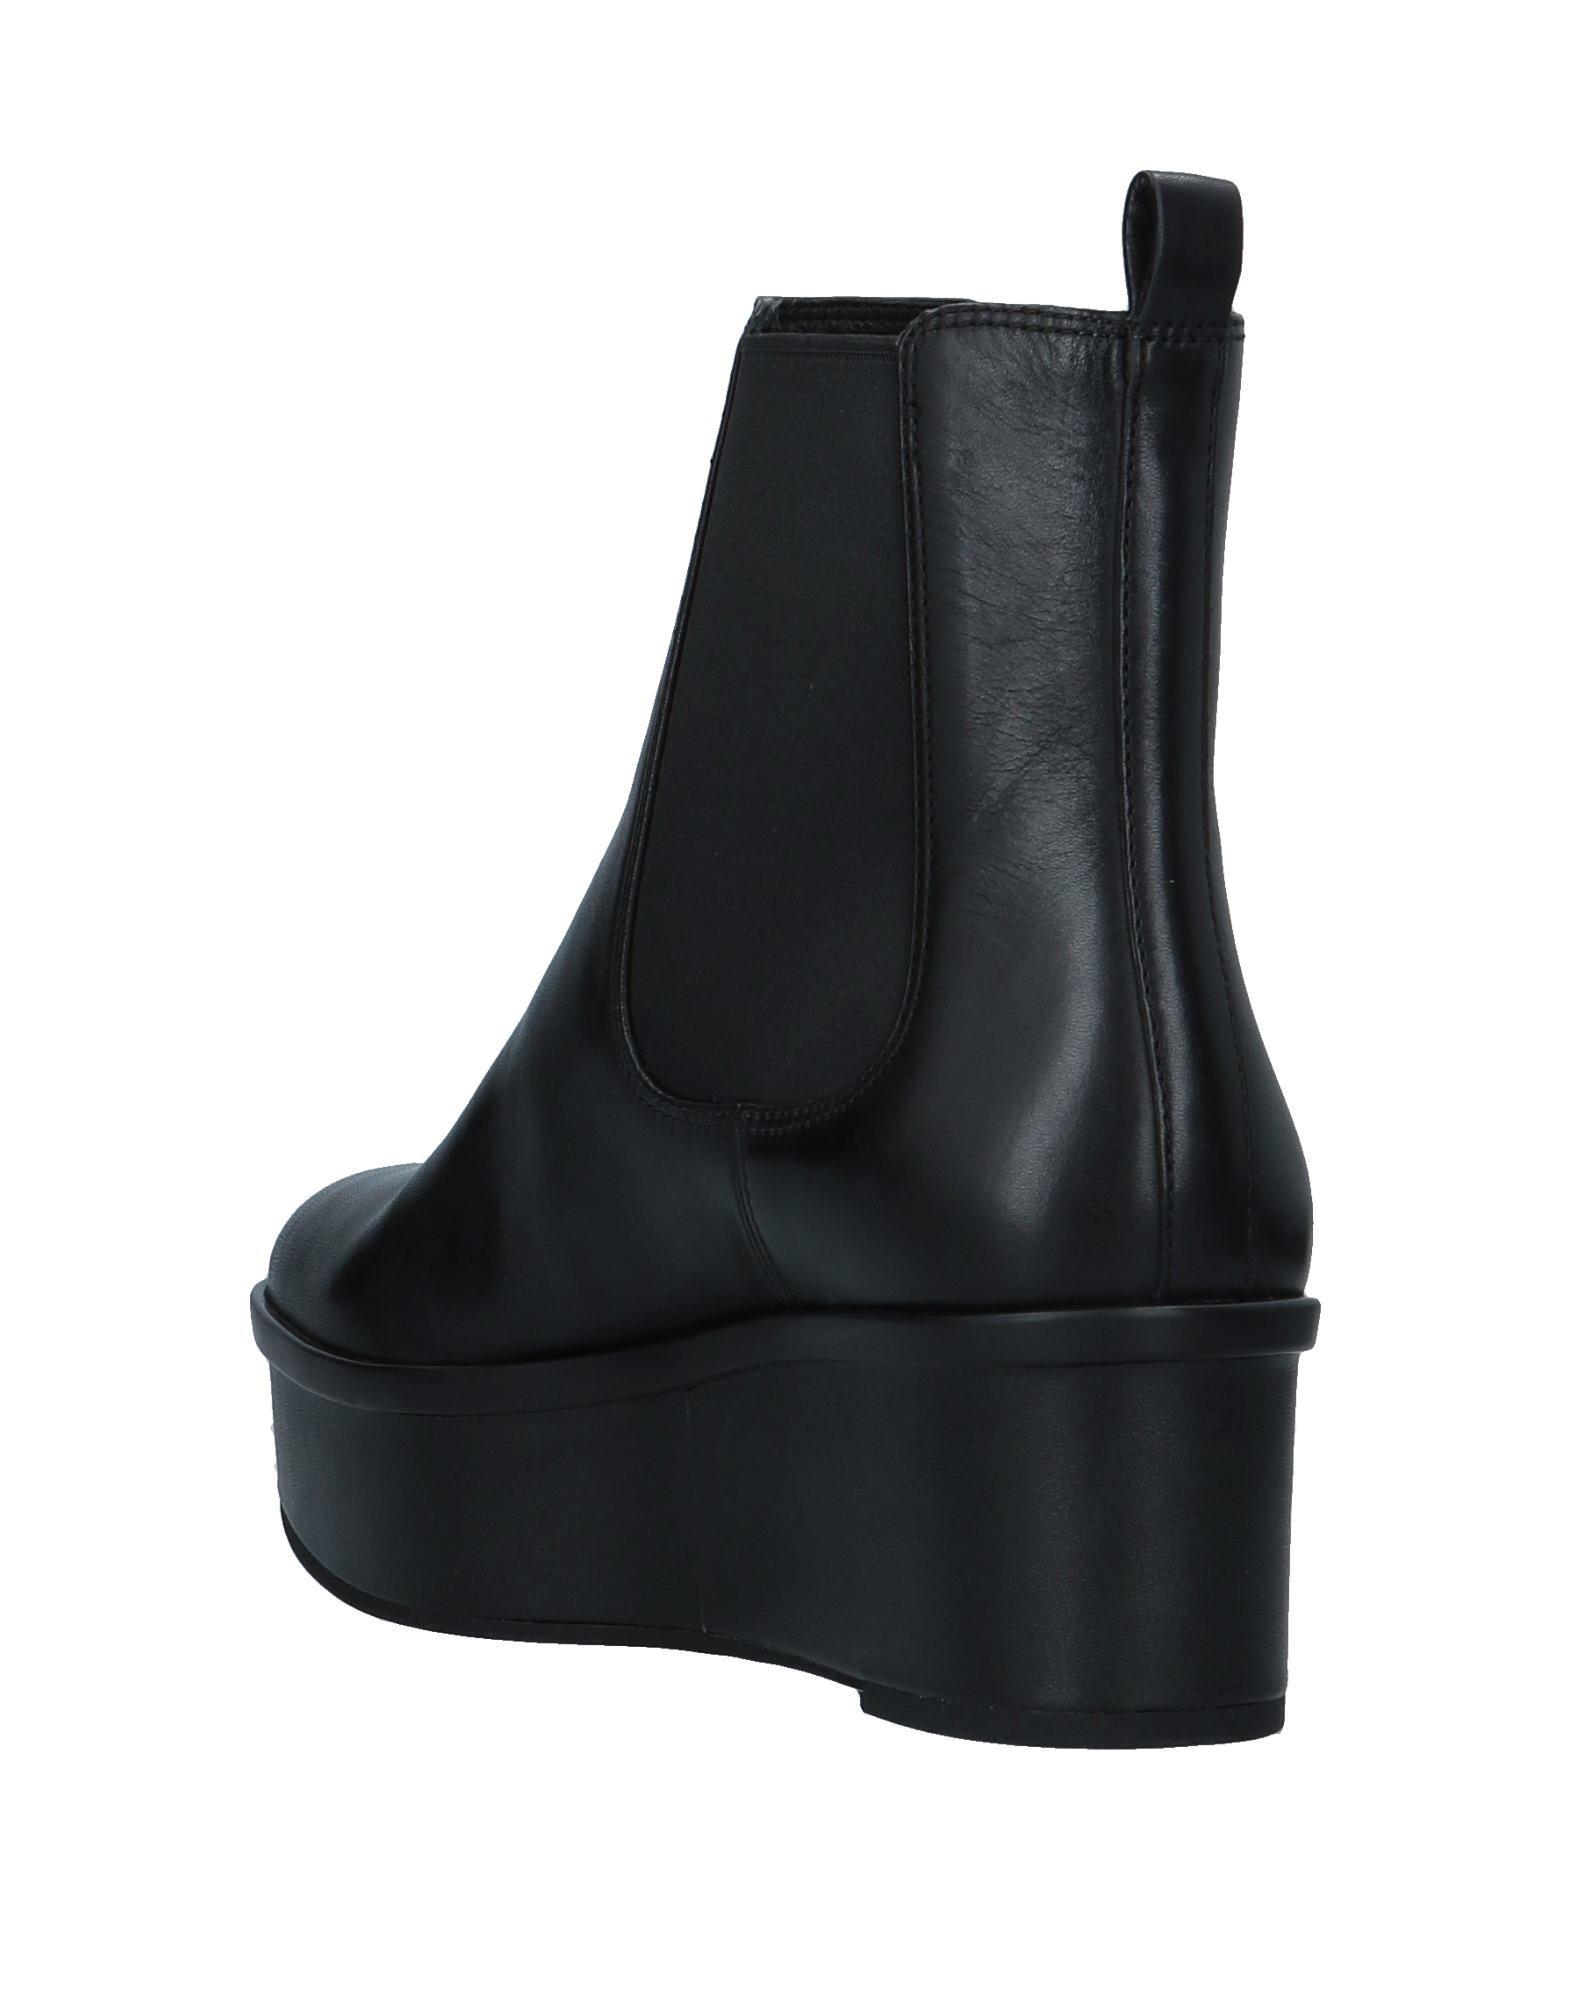 What For Chelsea Stiefel sich Damen Gutes Preis-Leistungs-Verhältnis, es lohnt sich Stiefel 4632 e4e224